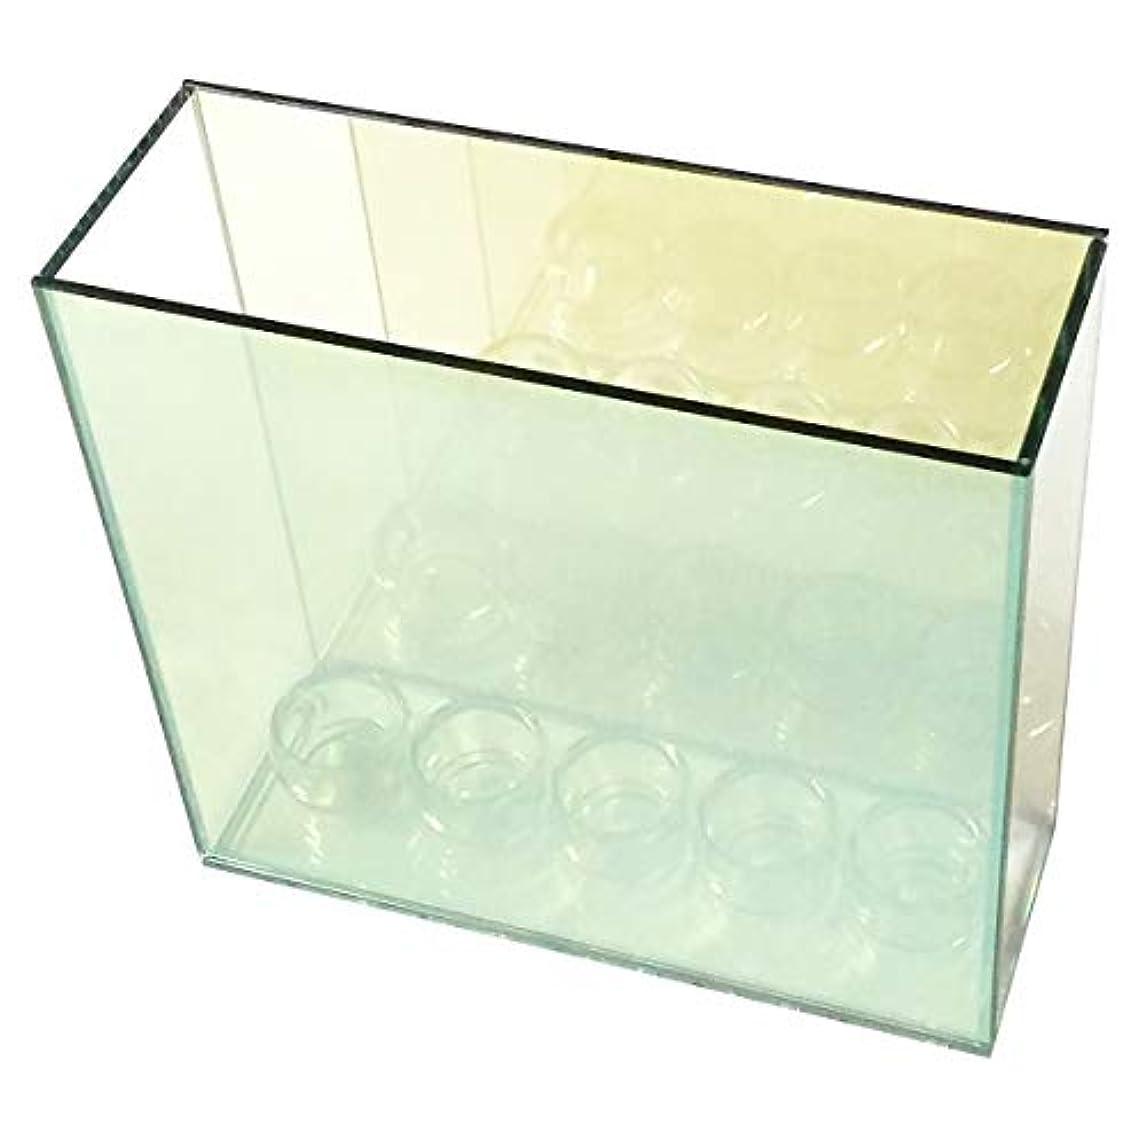 人質文法味付け無限連鎖キャンドルホルダー 5連 ガラス キャンドルスタンド ランタン ティーライトキャンドル